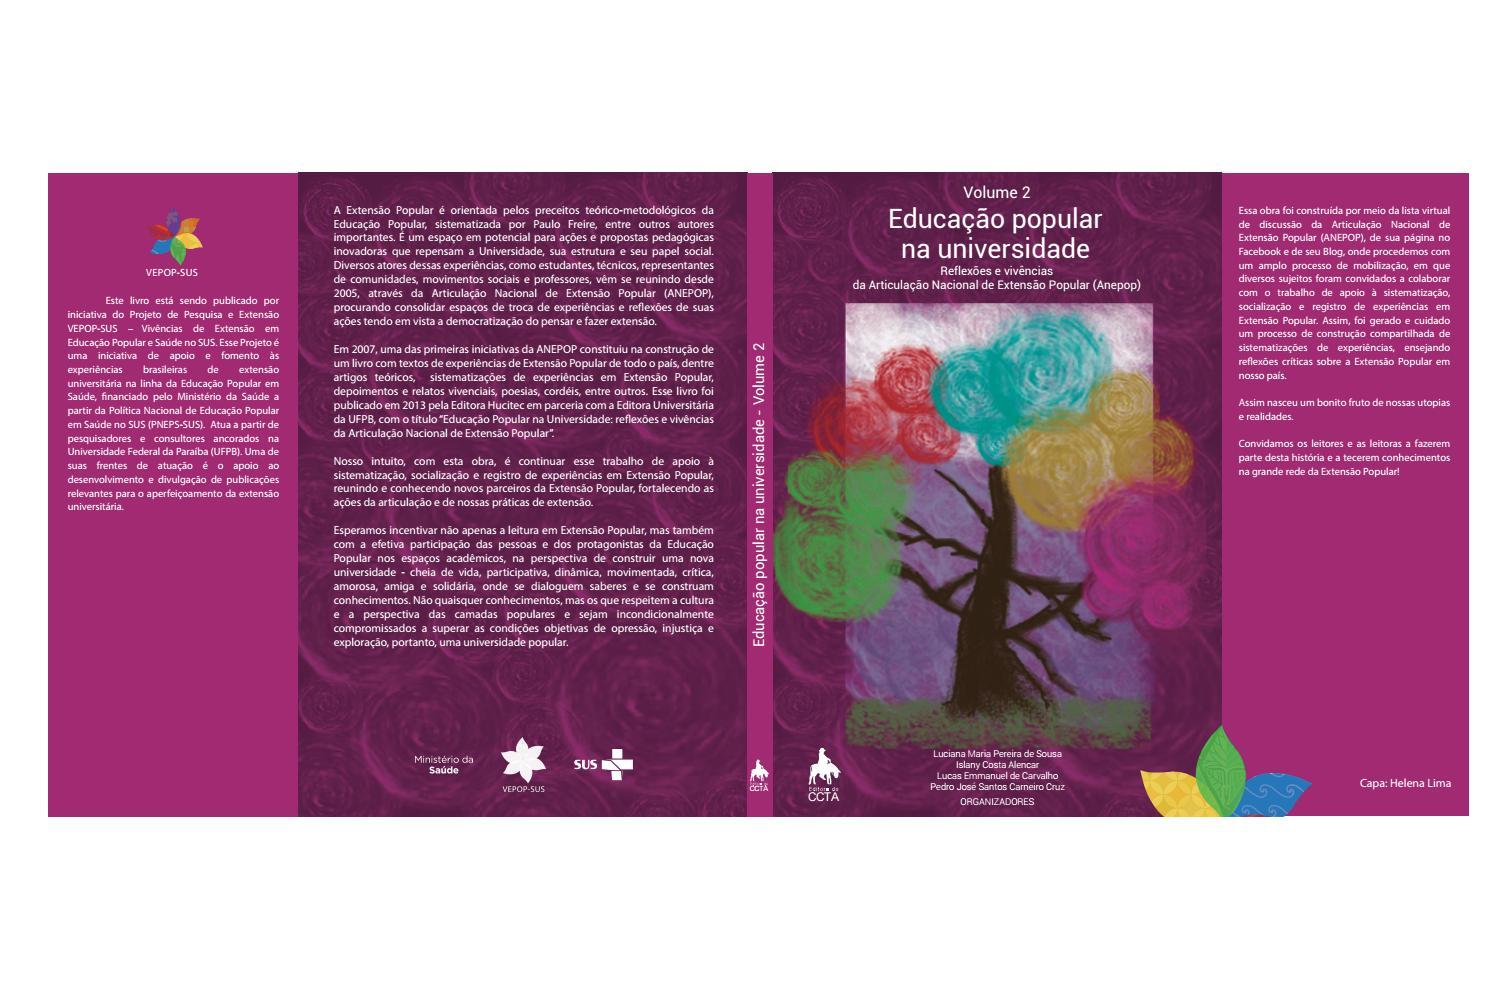 Educação popular na universidade, vol. 2 by vepopsus - issuu 302198bb5a